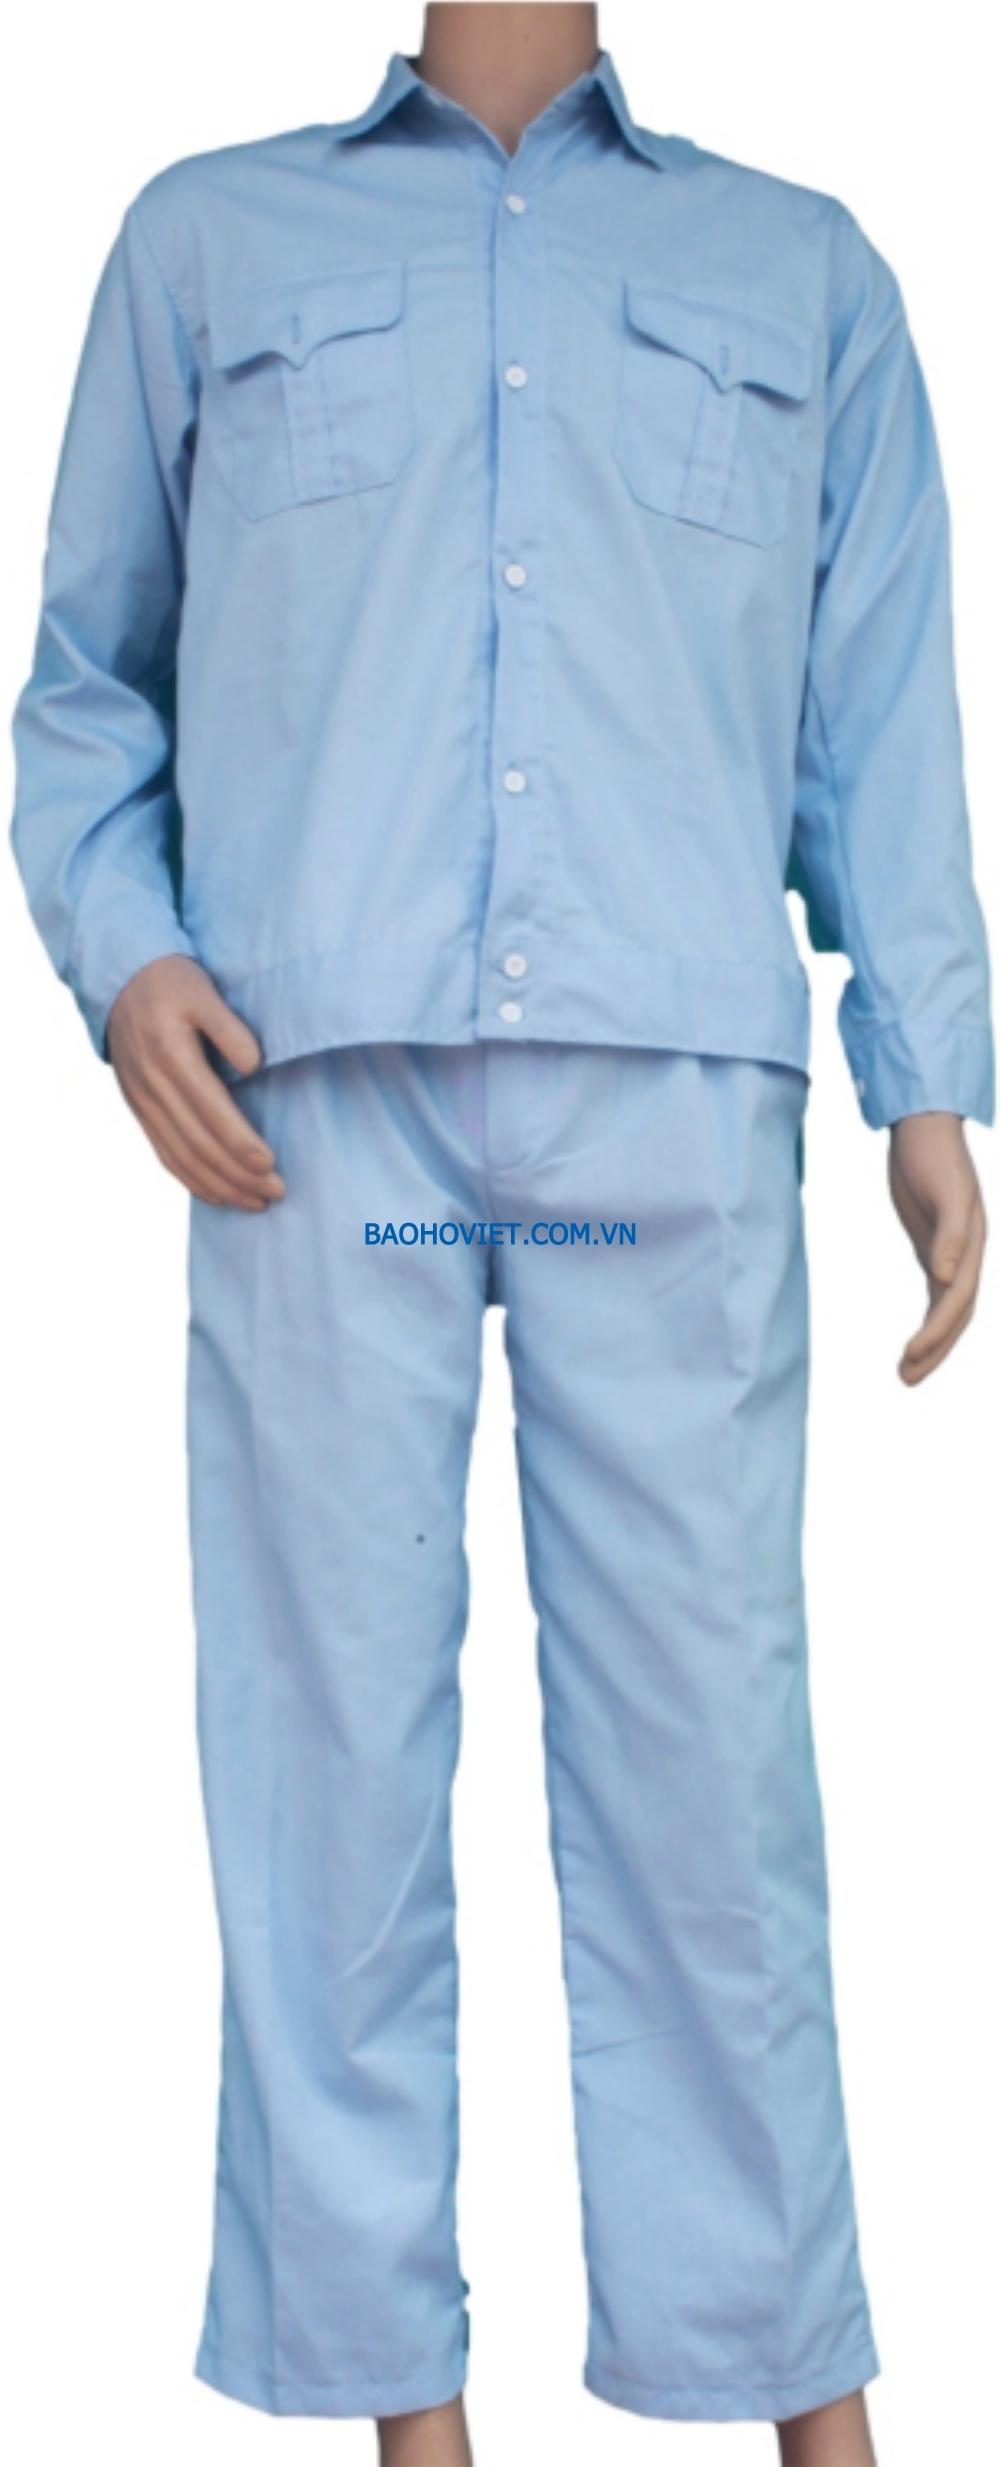 Quần áo Kaki Nam Định loại 1 - Mầu xanh hòa bình nhạt